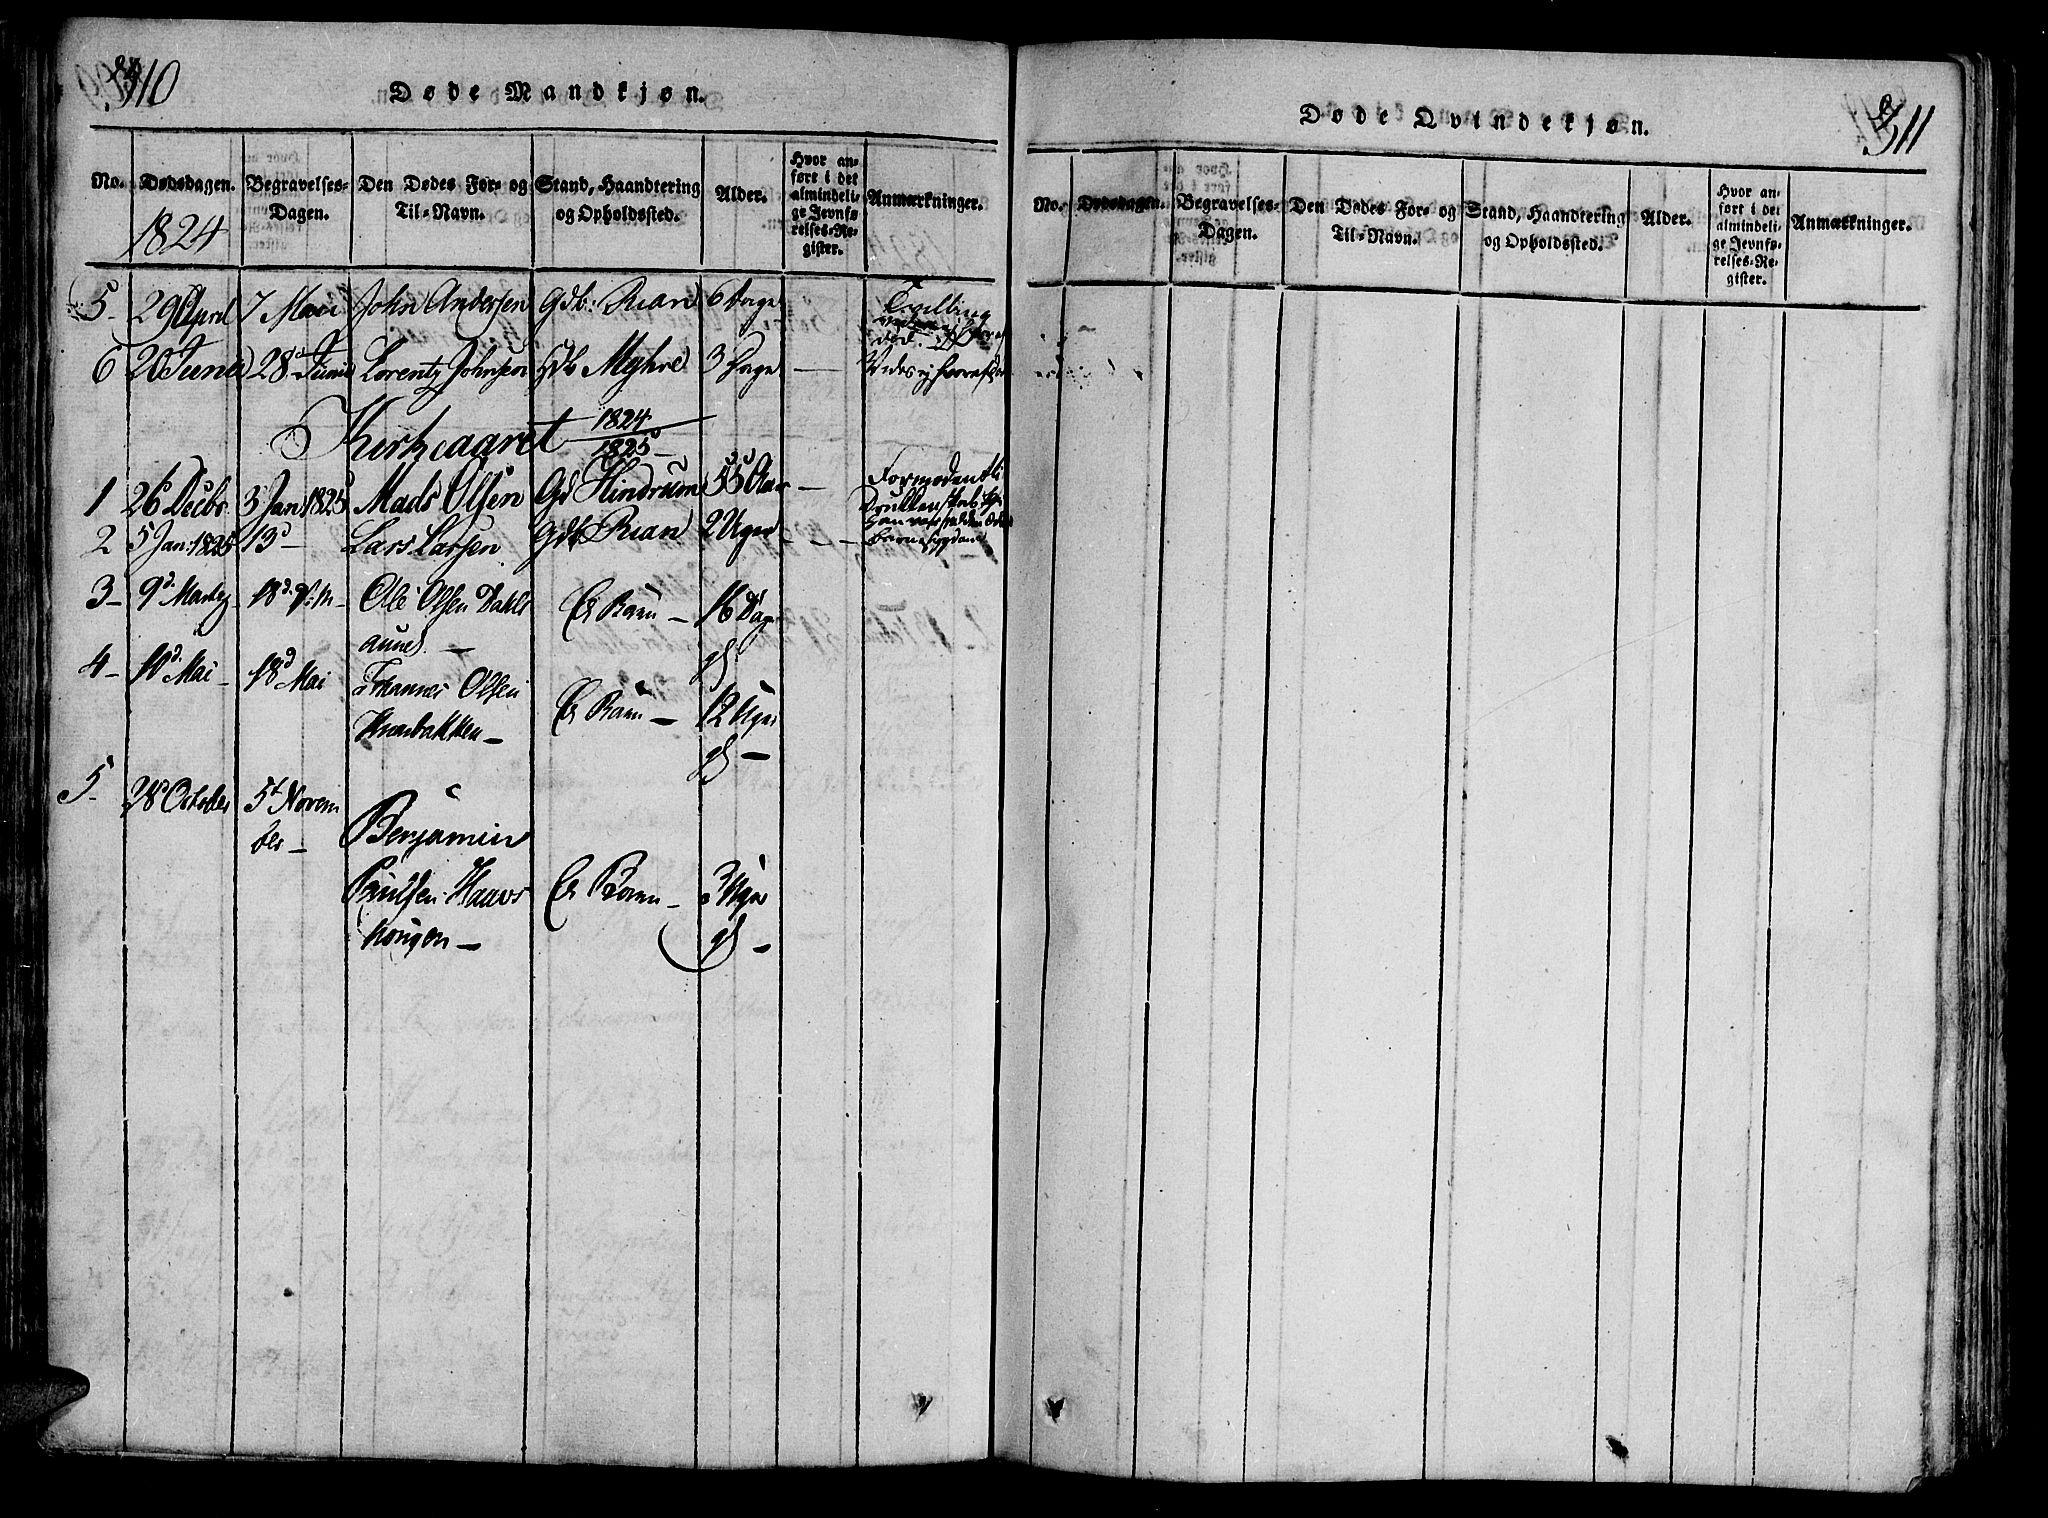 SAT, Ministerialprotokoller, klokkerbøker og fødselsregistre - Nord-Trøndelag, 701/L0005: Ministerialbok nr. 701A05 /2, 1816-1825, s. 310-311